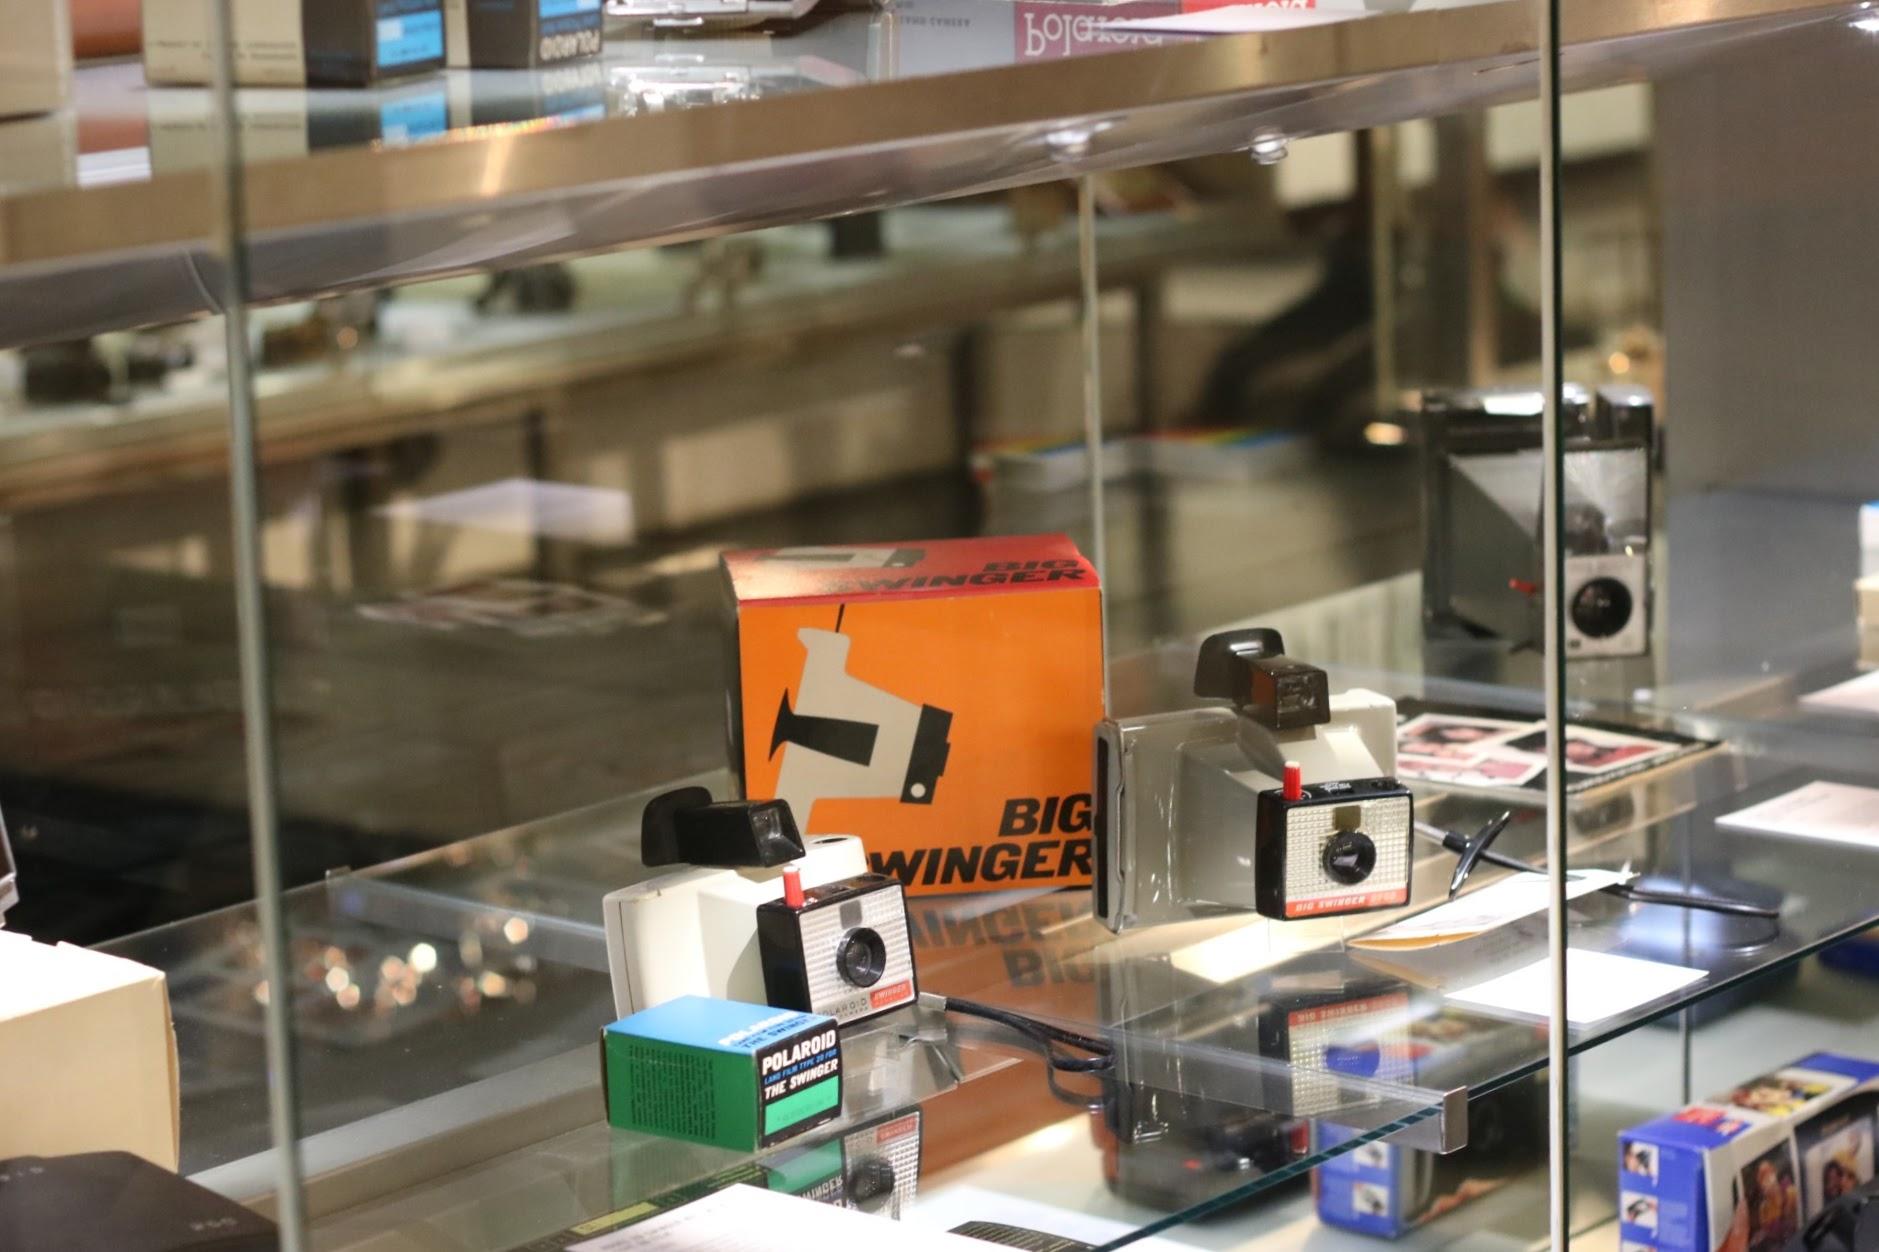 Ausstellungsbericht: The Polaroid Project in der Galerie Westlicht